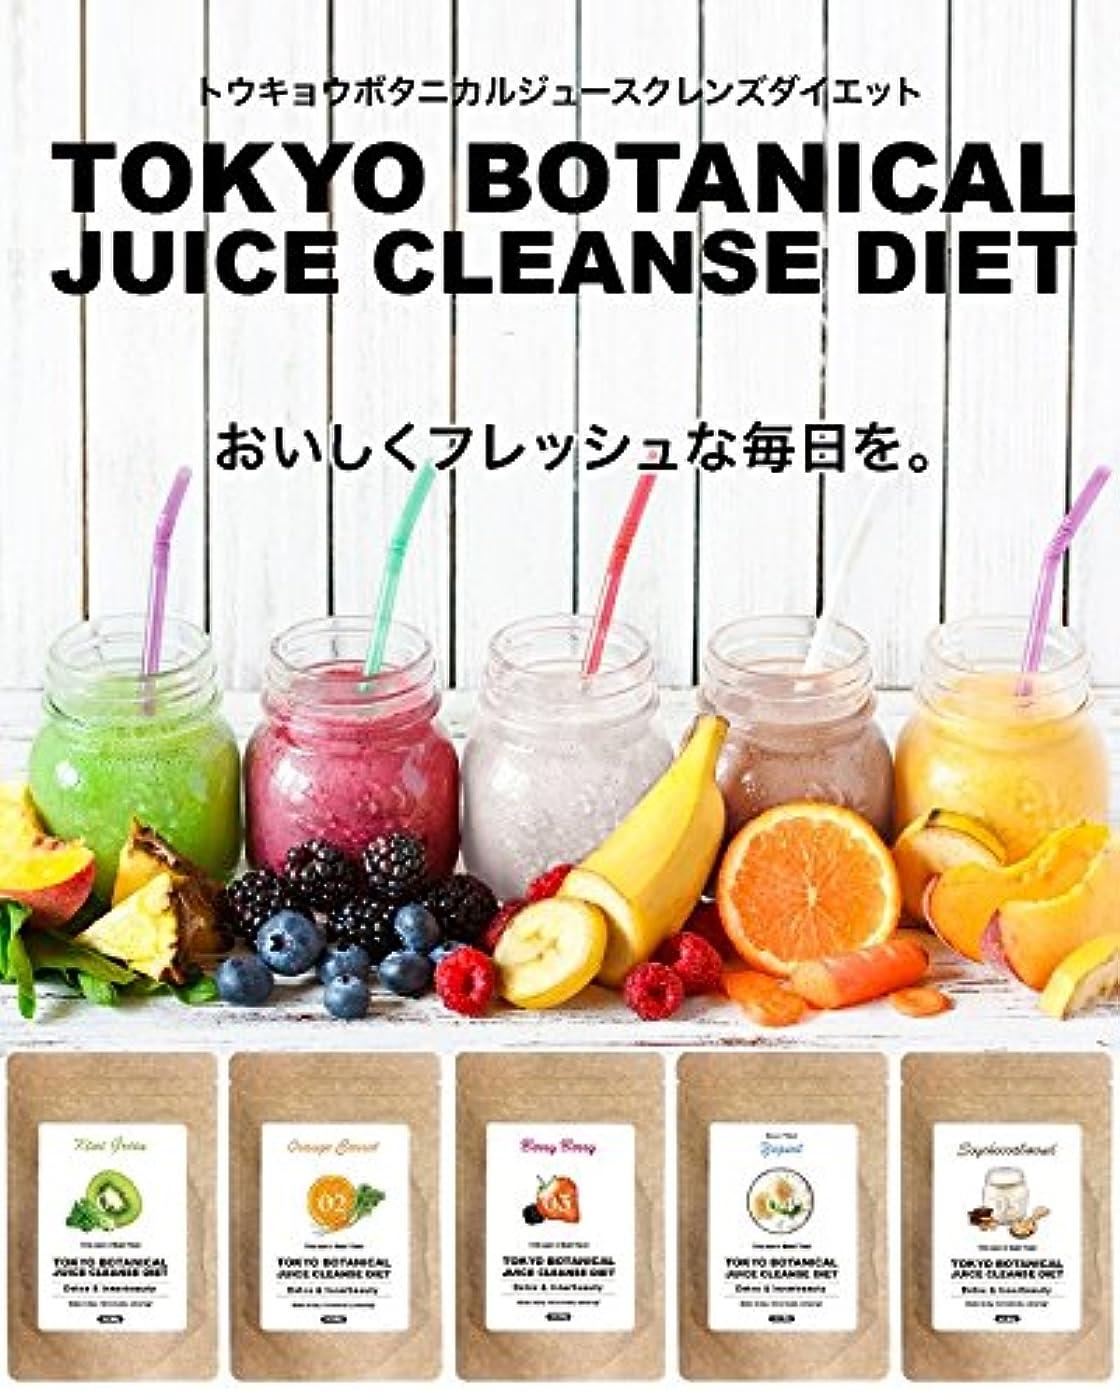 によると特別などうやって東京ボタニカルジュースクレンズダイエット ベリーベリー&ヨーグルトセット